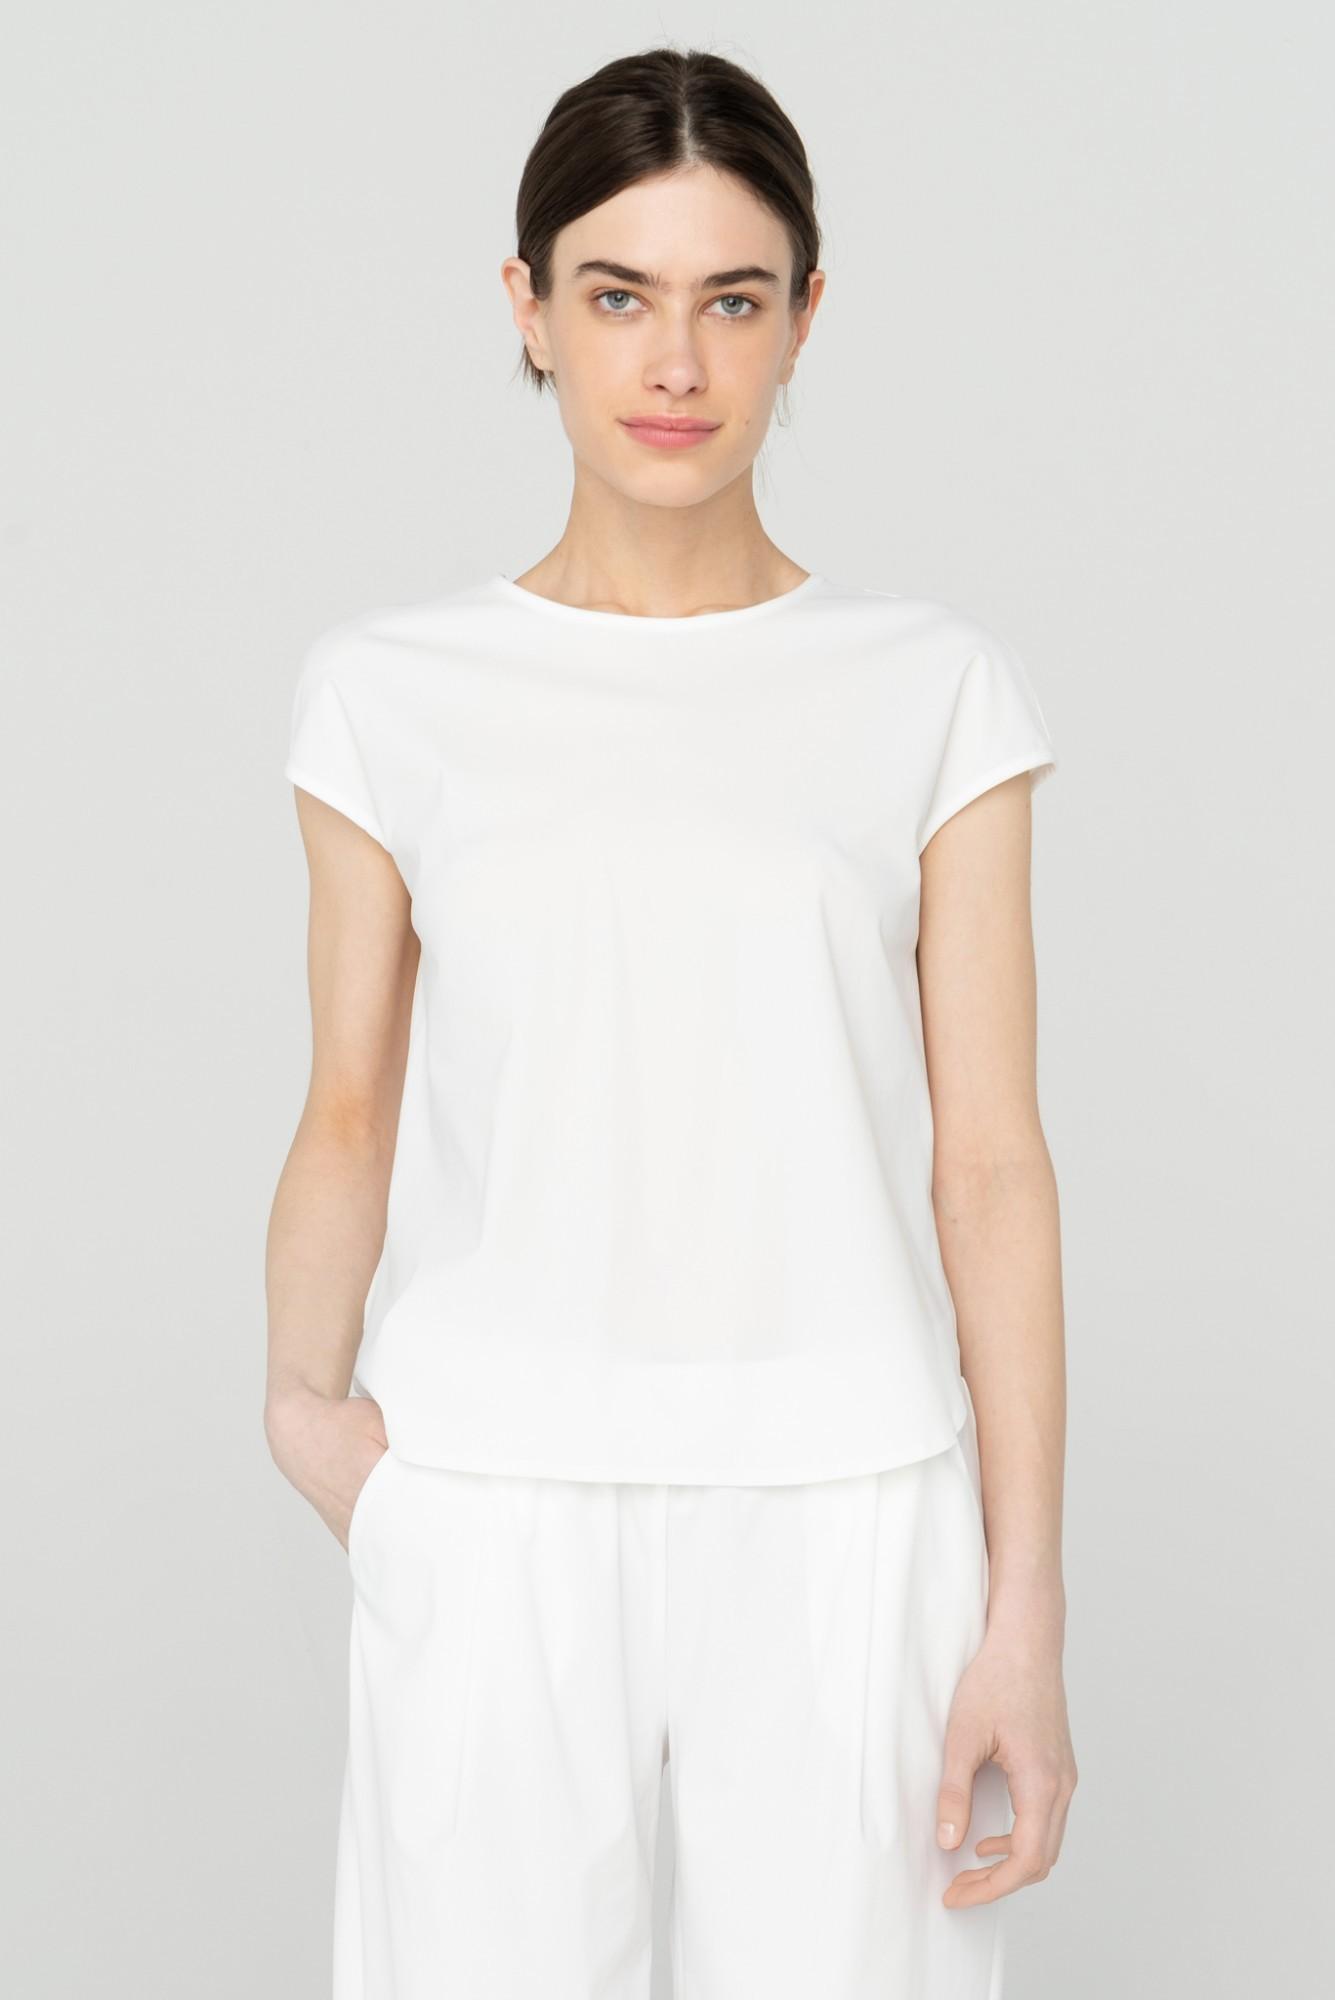 AUDIMAS Lengvi marškinėliai SENSITIVE 2111-023 Milky White S